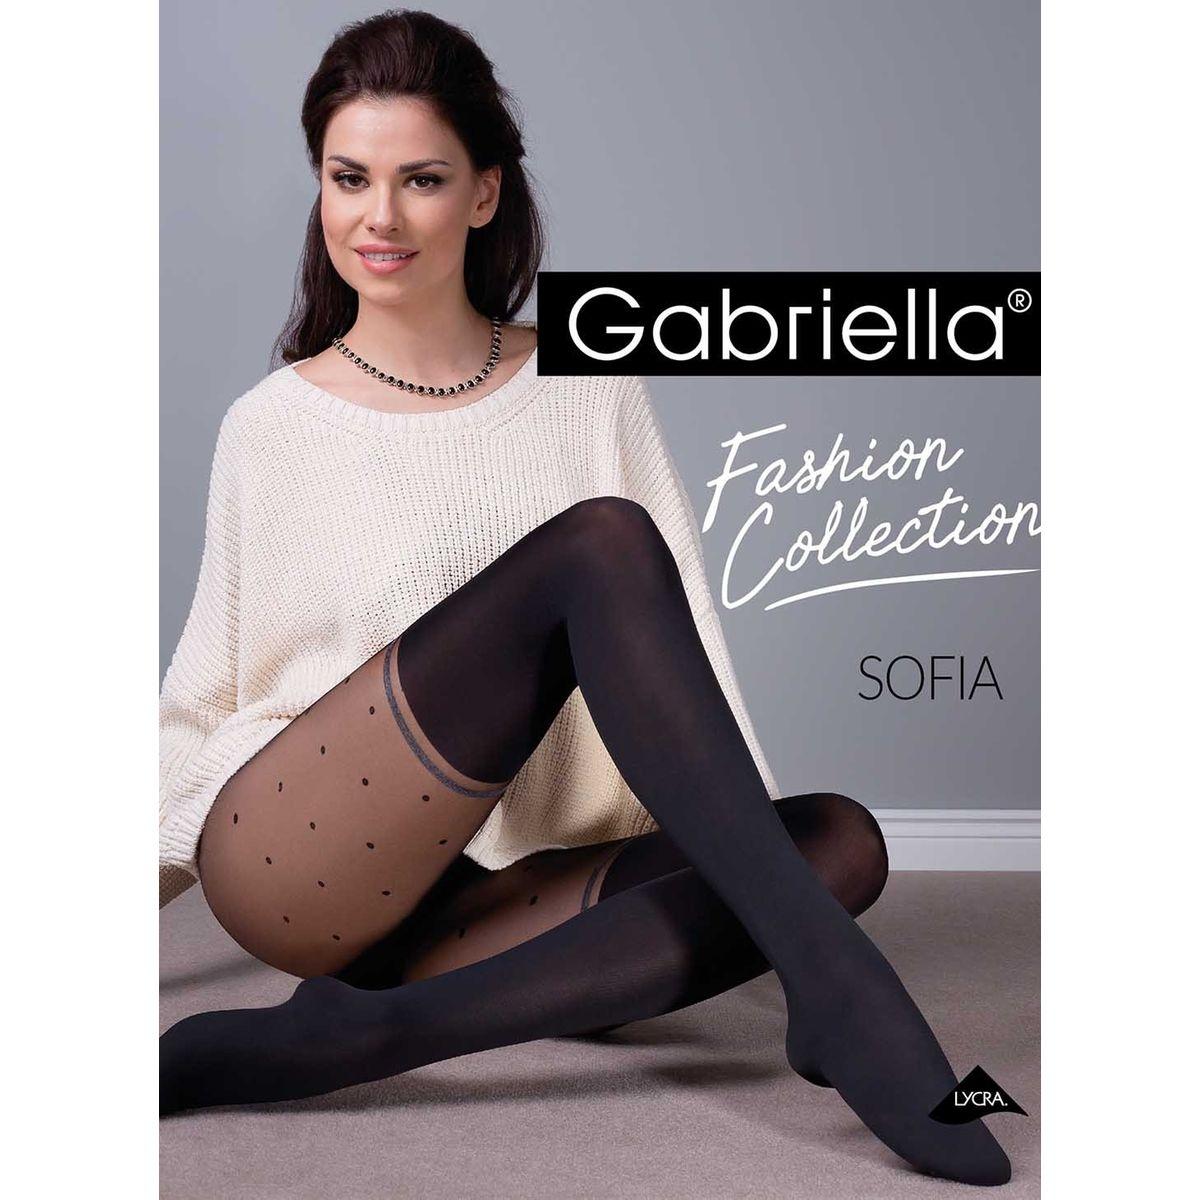 Collant Gabriella Sofia